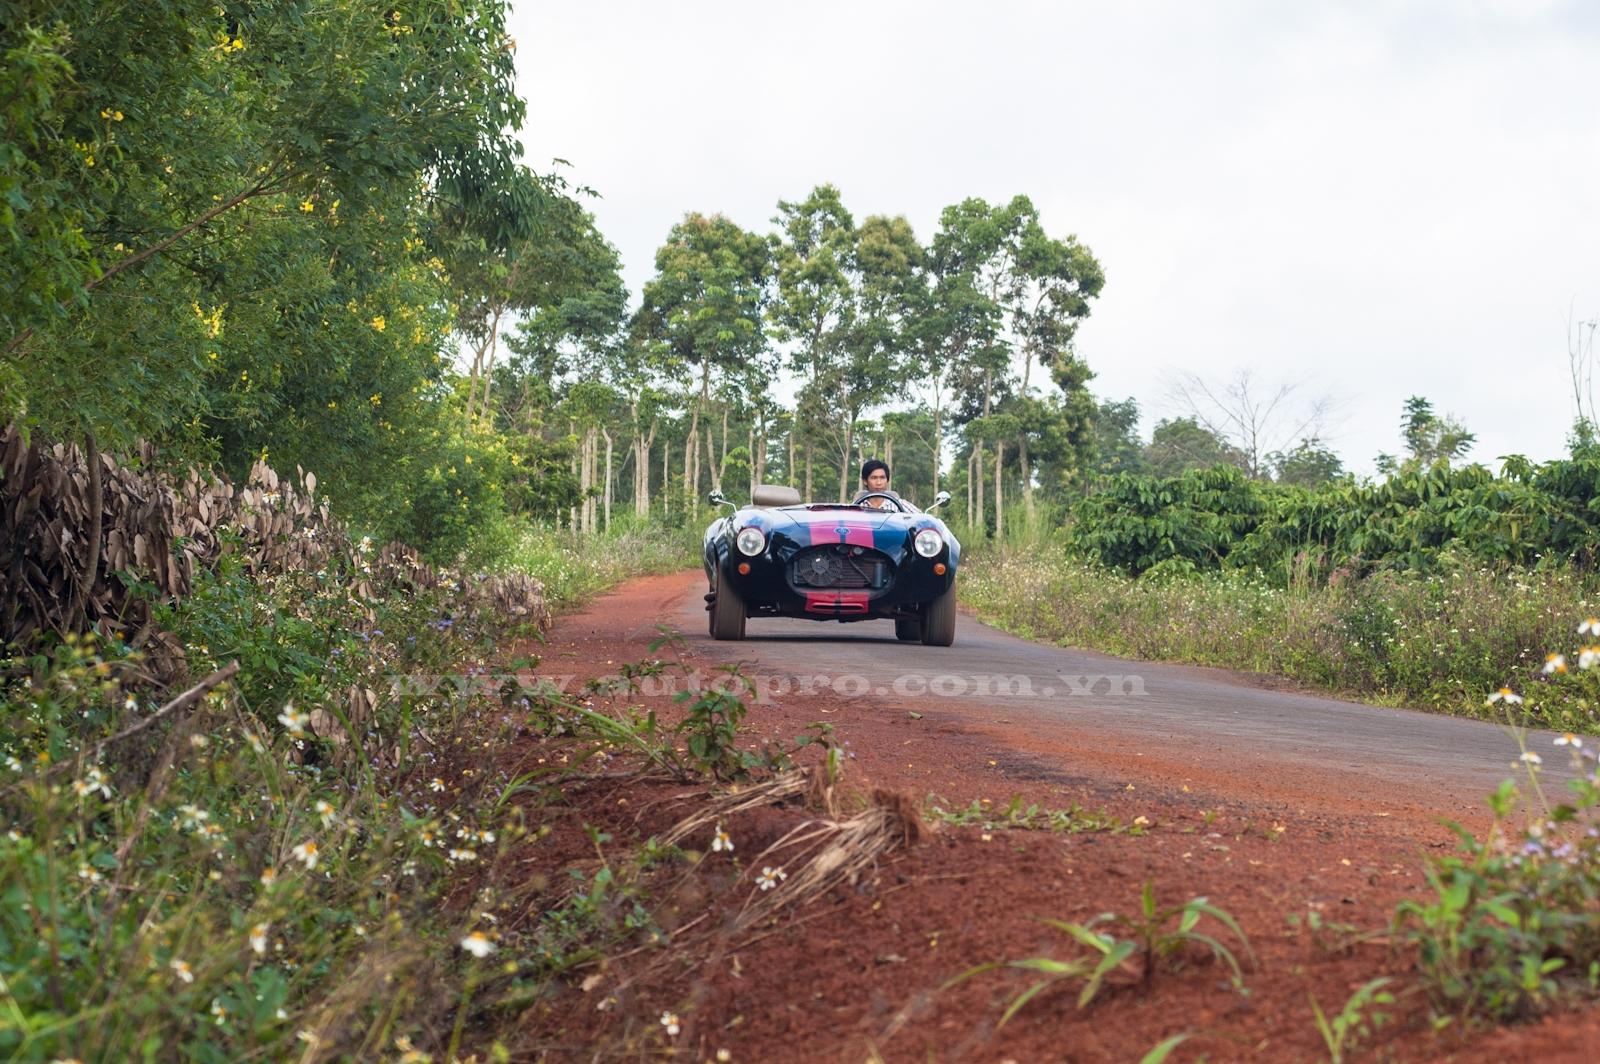 Chi phí cho việc mua chiếc xe cũ là 70 triệu Đồng.